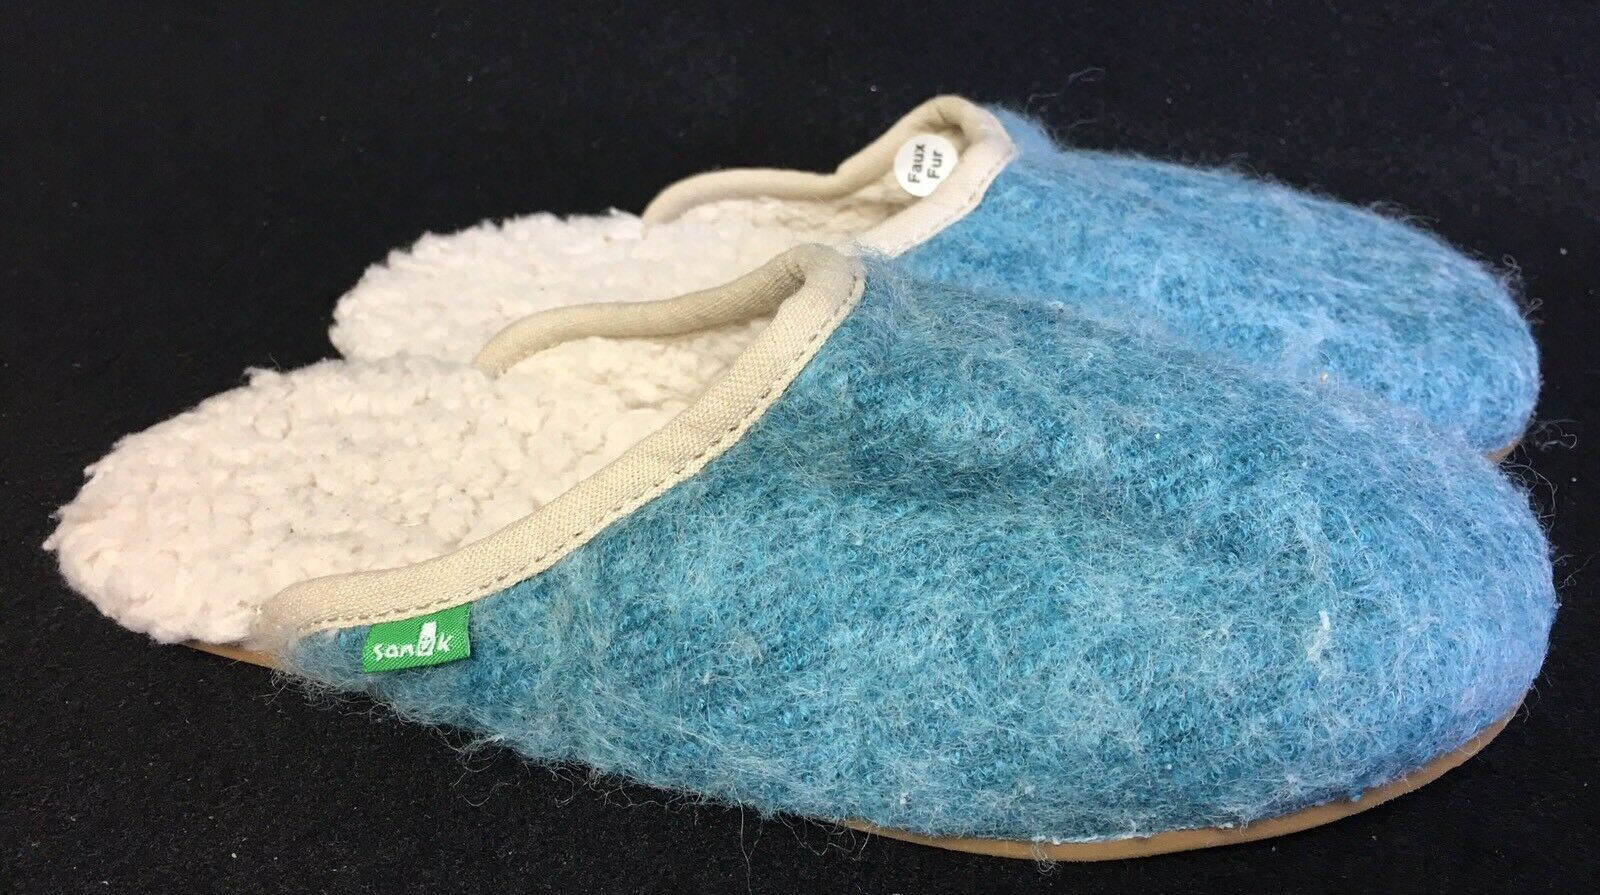 SANUK EGGSHELL FURBRRR CHILL SIDEWALK SURFER SLIPPERS Slides Shoes WOMENS size 7